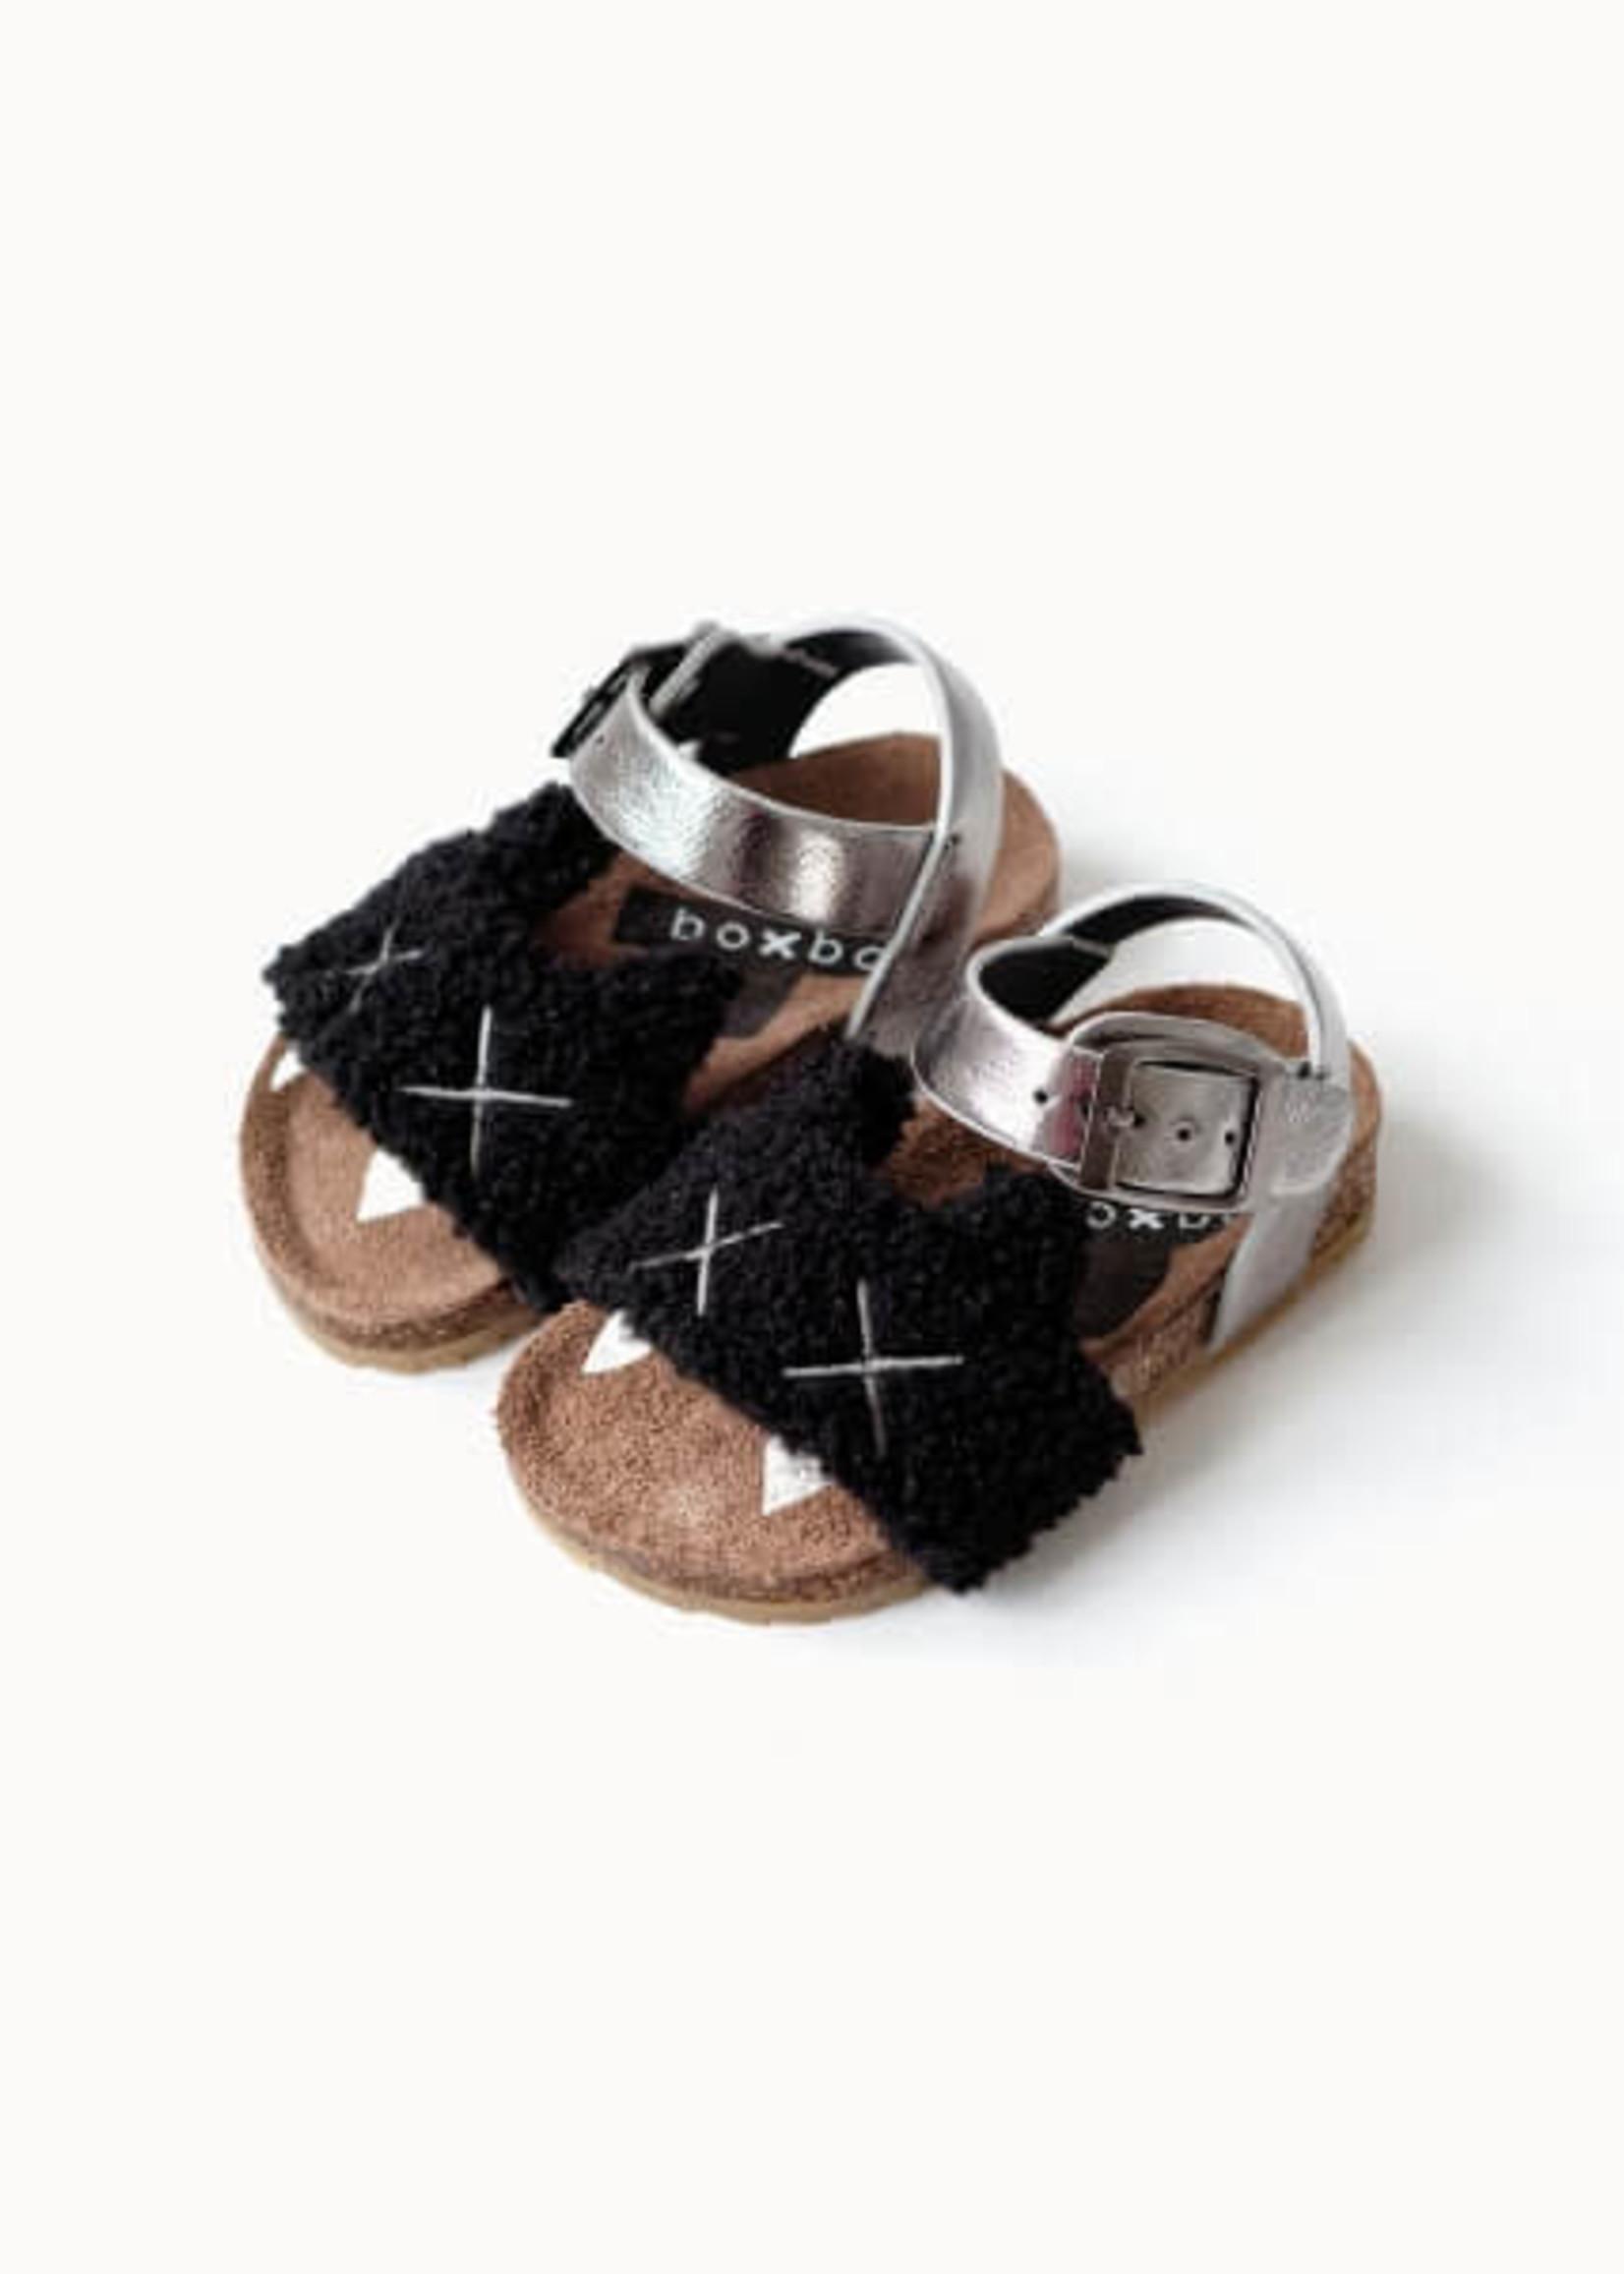 """Boxbo Boxbo-ss21 """"Canine"""" Black Kitten Cork Sandals Référence : SD2006"""